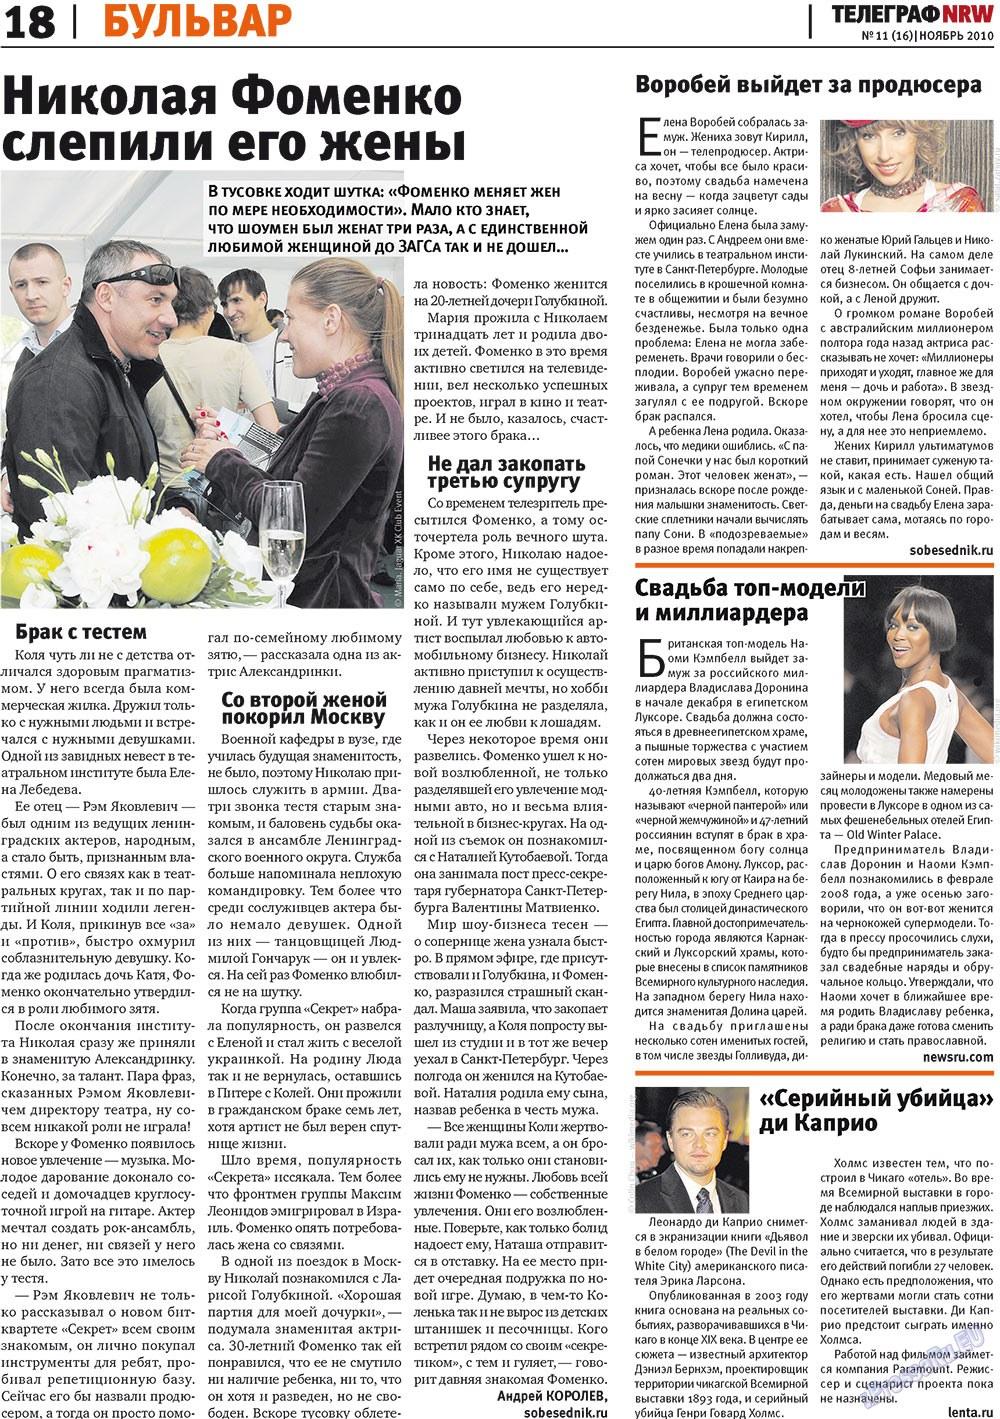 Телеграф NRW (газета). 2010 год, номер 11, стр. 18